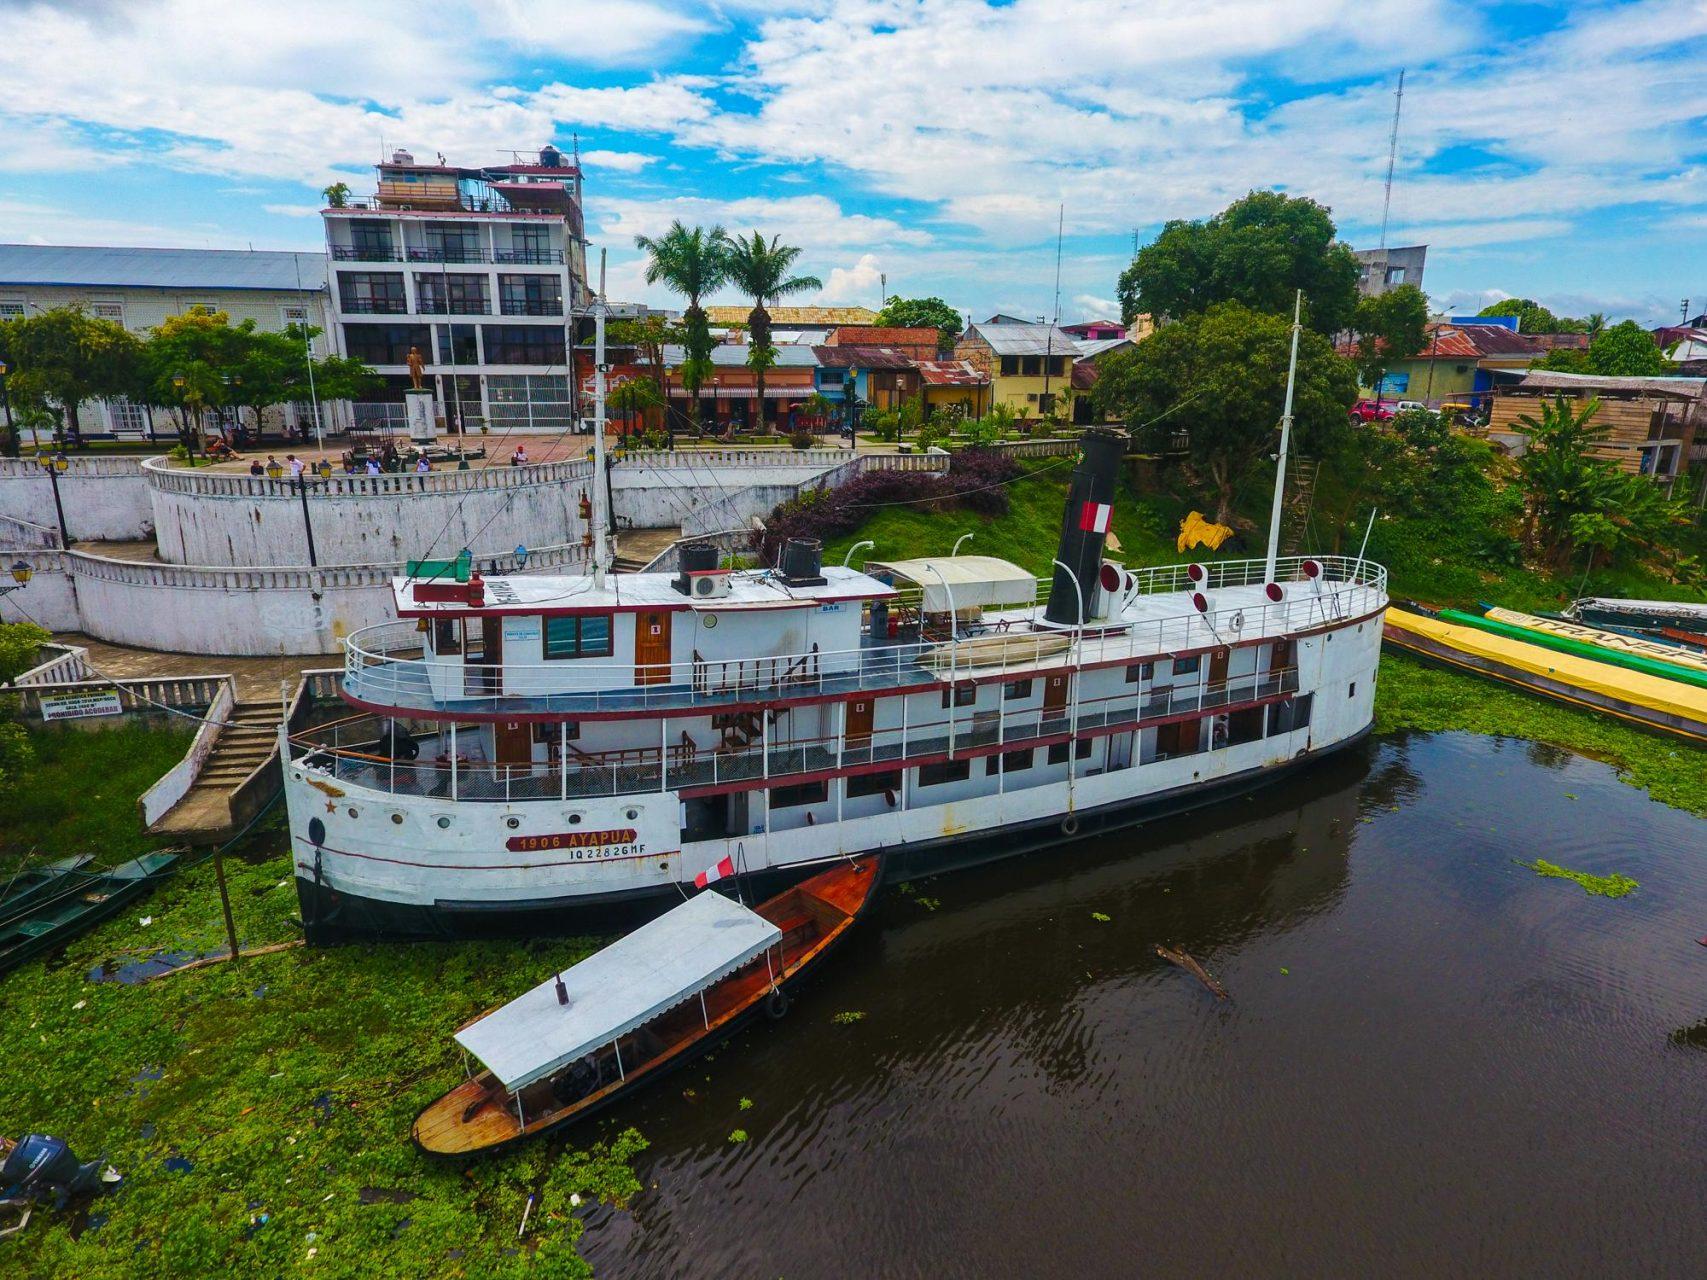 A Boat Museum in Iquitos Peru